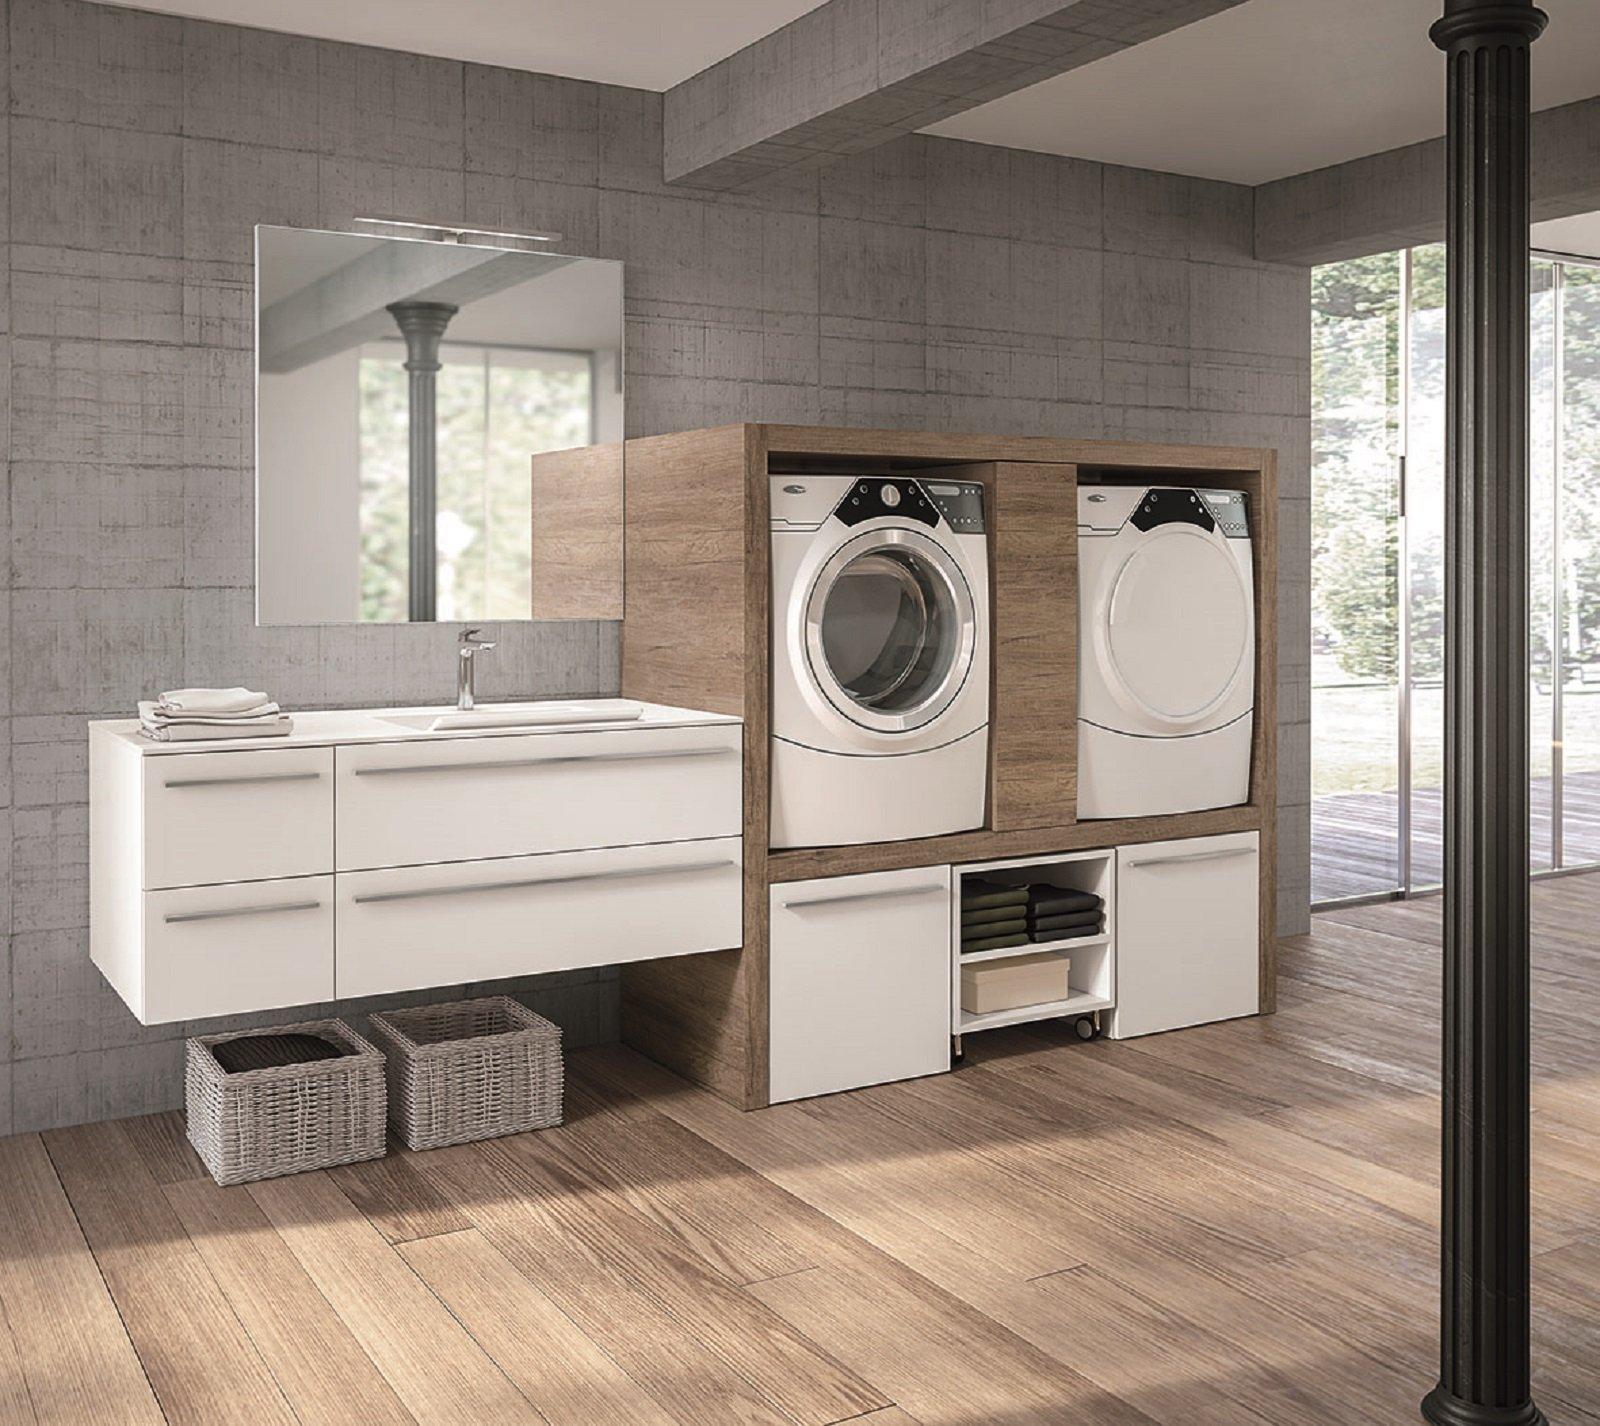 Lavanderia in bagno cose di casa for Arredare bagno piccolo con lavatrice